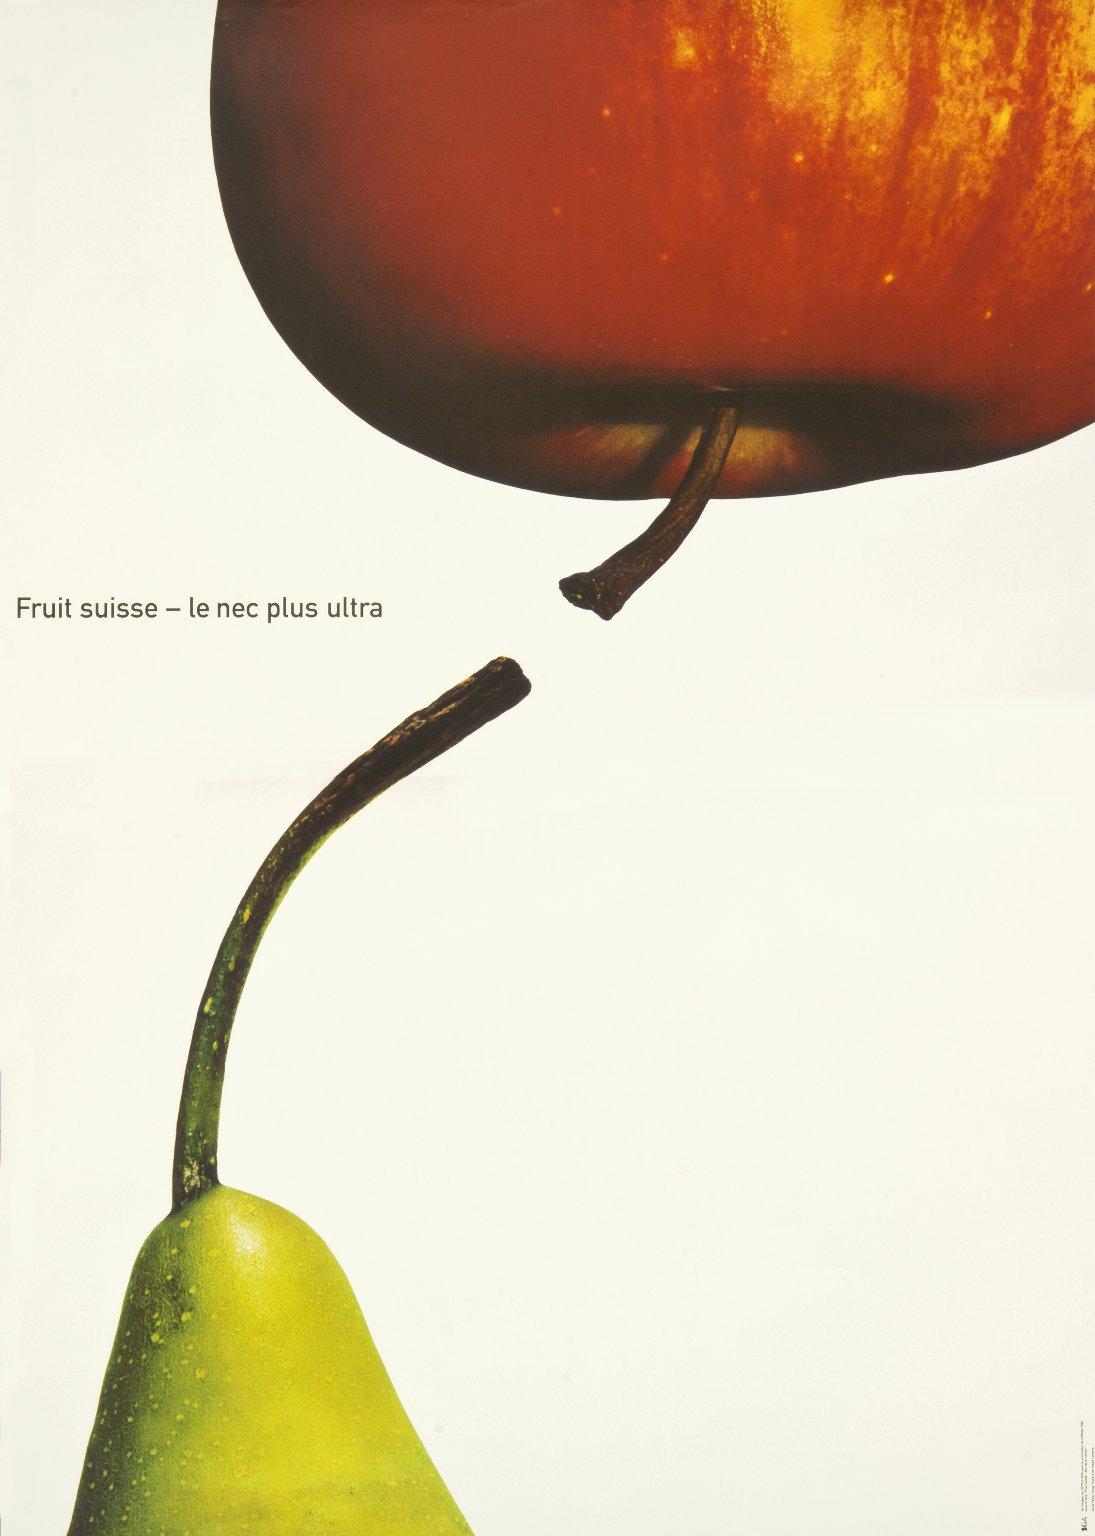 Schweizer Obst-Geschenk der Natur: Mit Haut und Stil